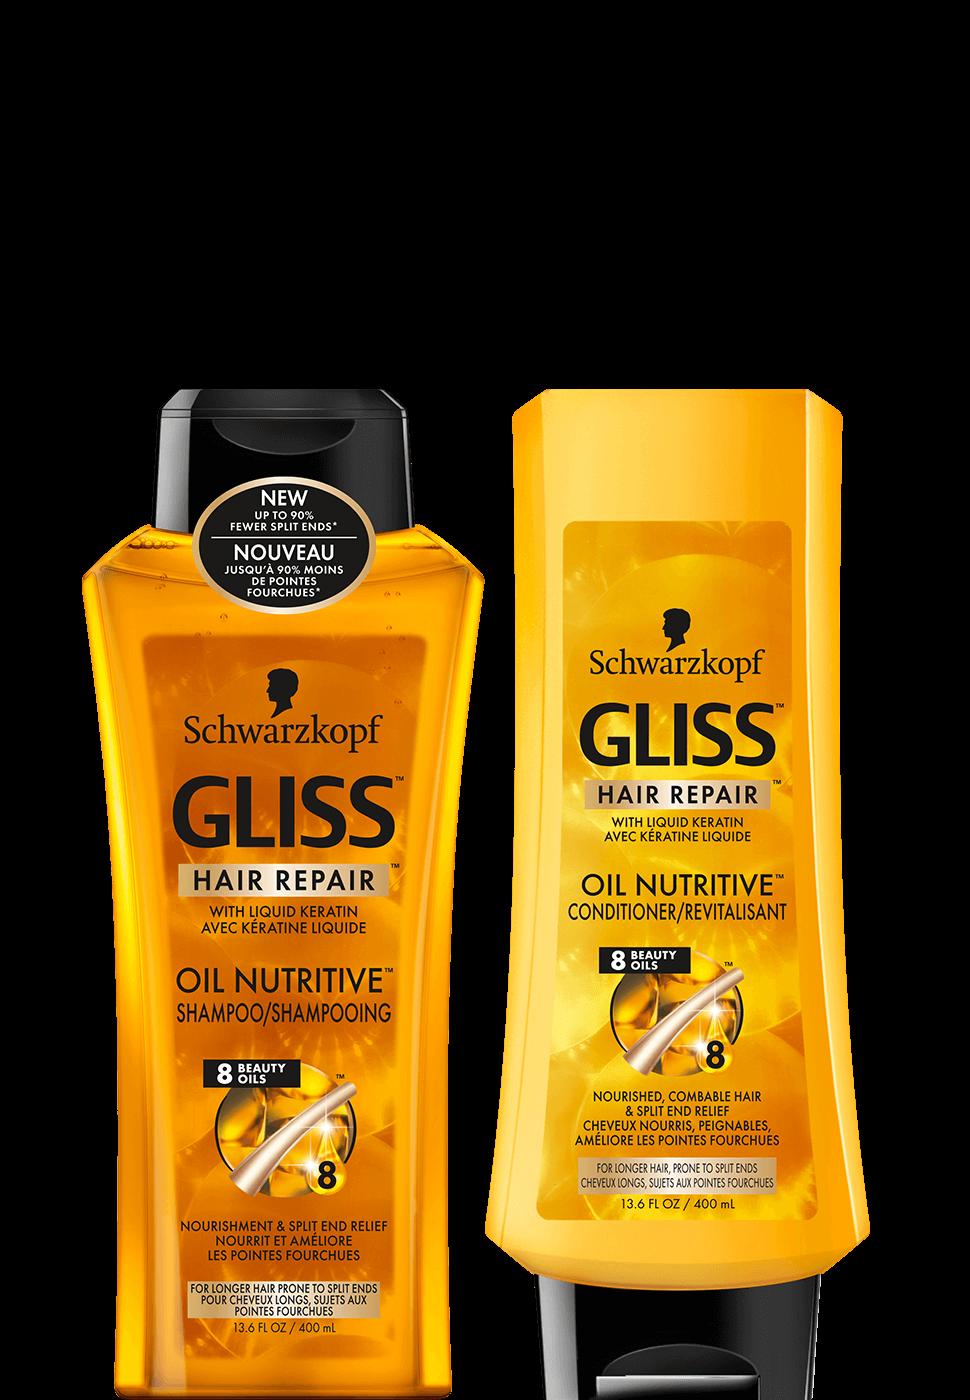 Shampoo clipart oily hair. Gliss kur prachtvolle krftigung